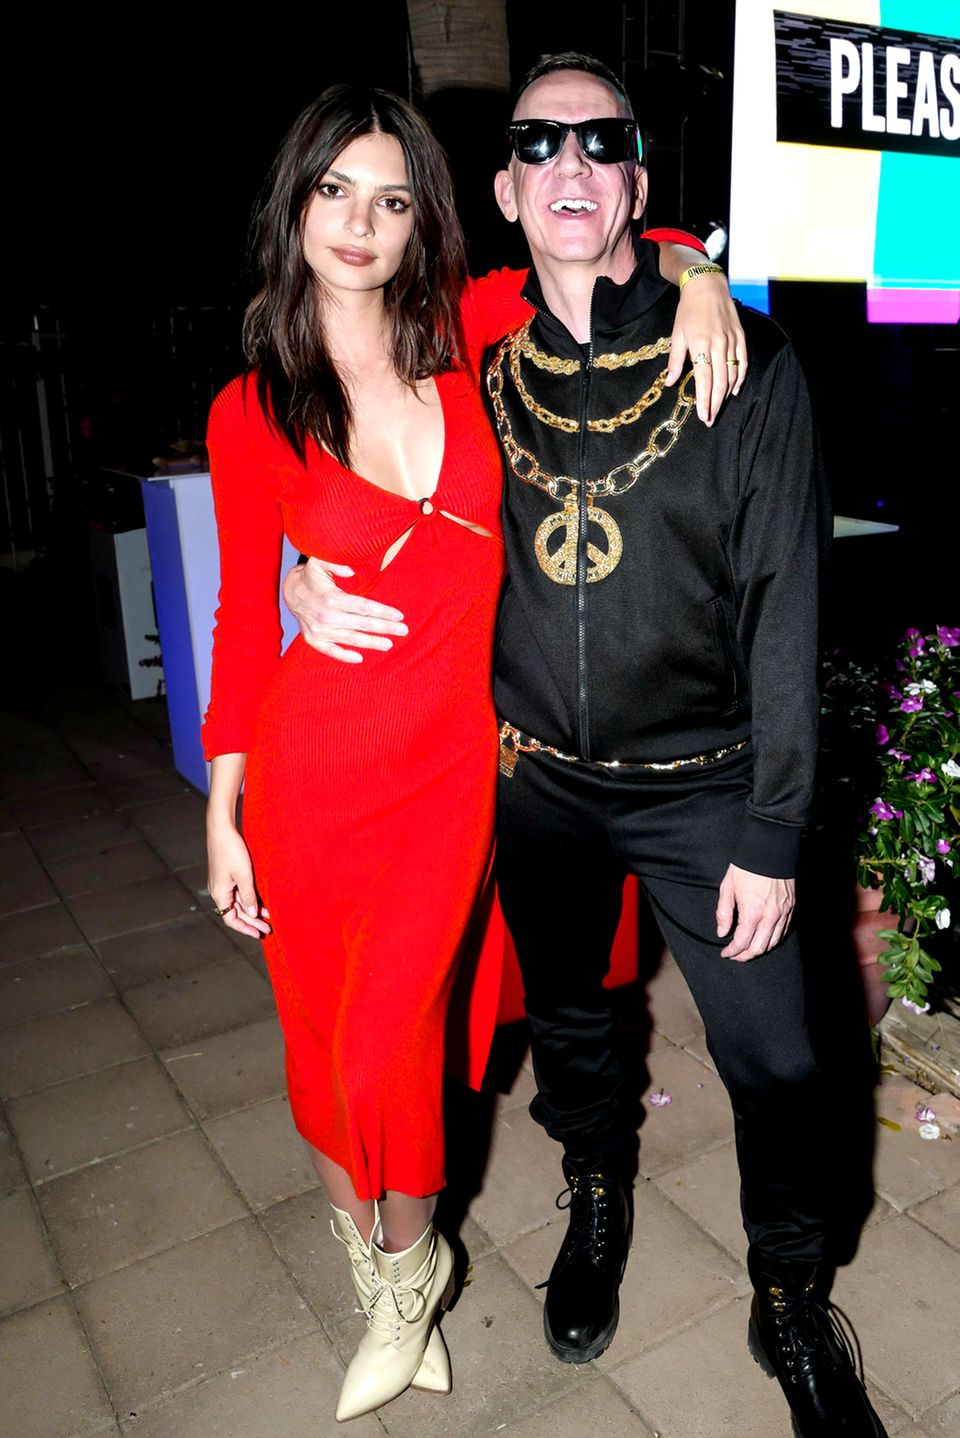 Auch Emily Ratajkowski erscheint in einem sexy roten Kleid bei der Moschino X H&M Party und posiert mit dem Designer Jeremy Scott.